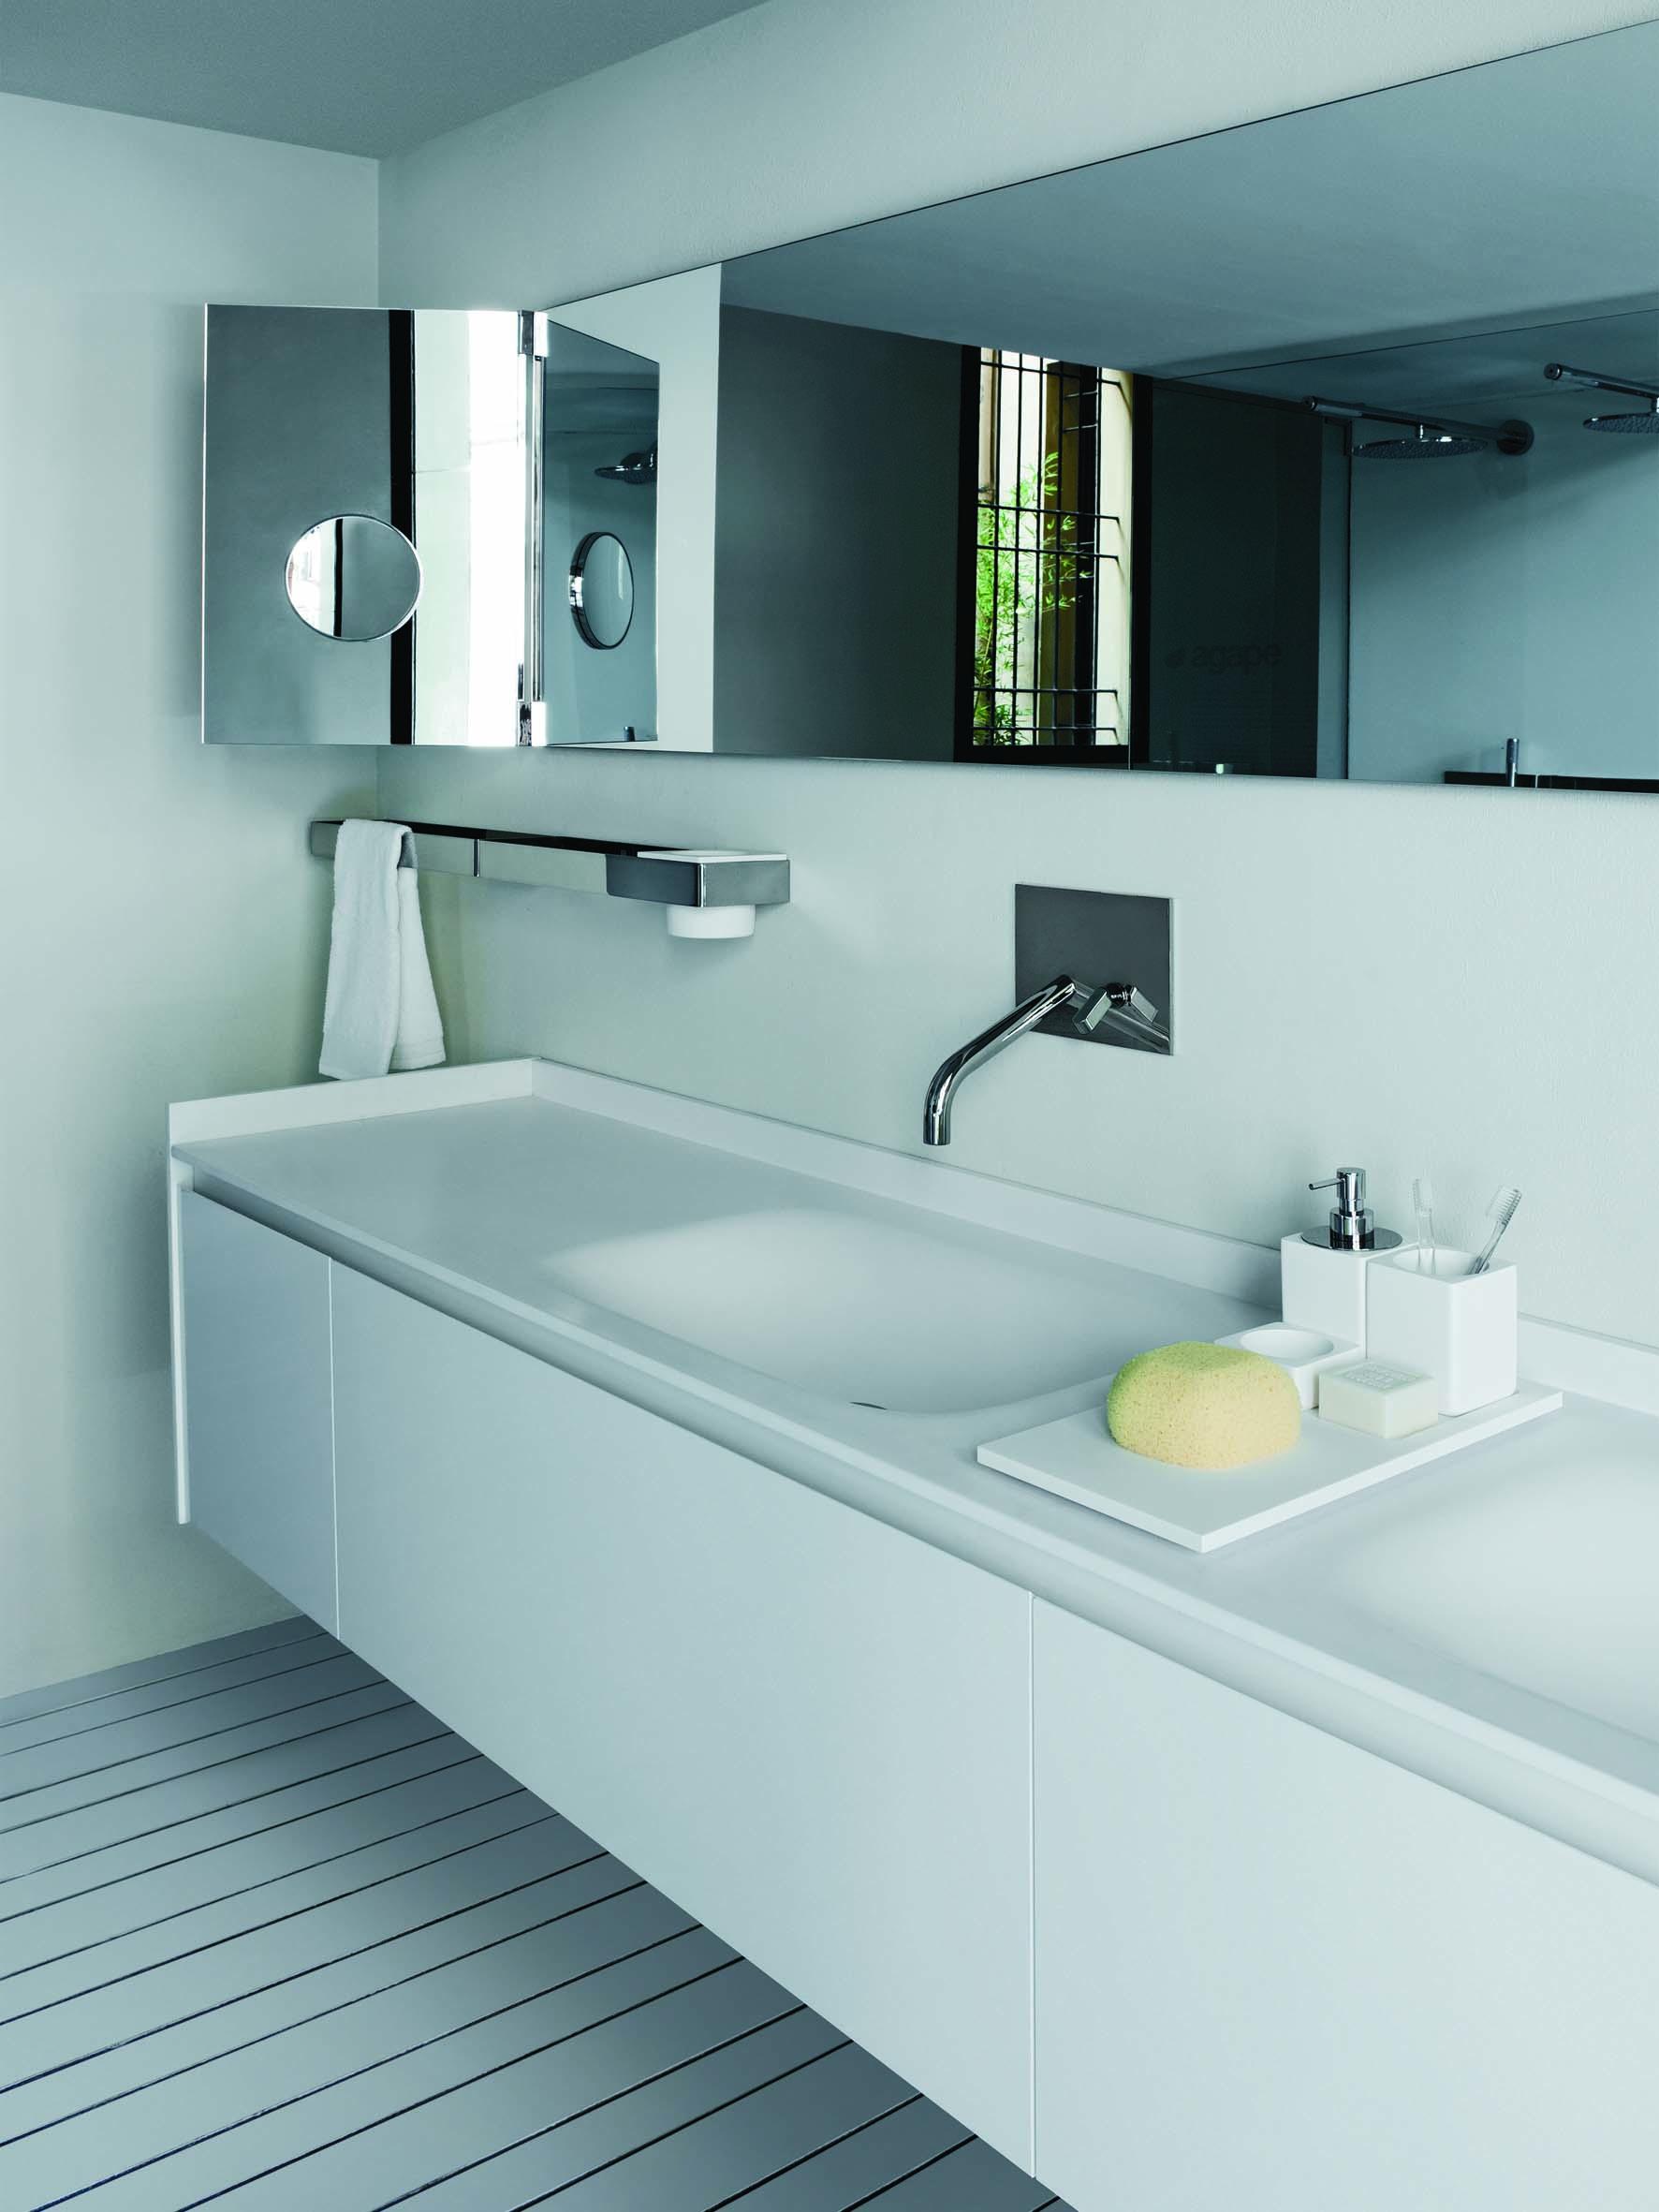 Cabinas De Ducha Kos: muebles bajo lavabo de la serie Evo de Benedini Associati, Agape